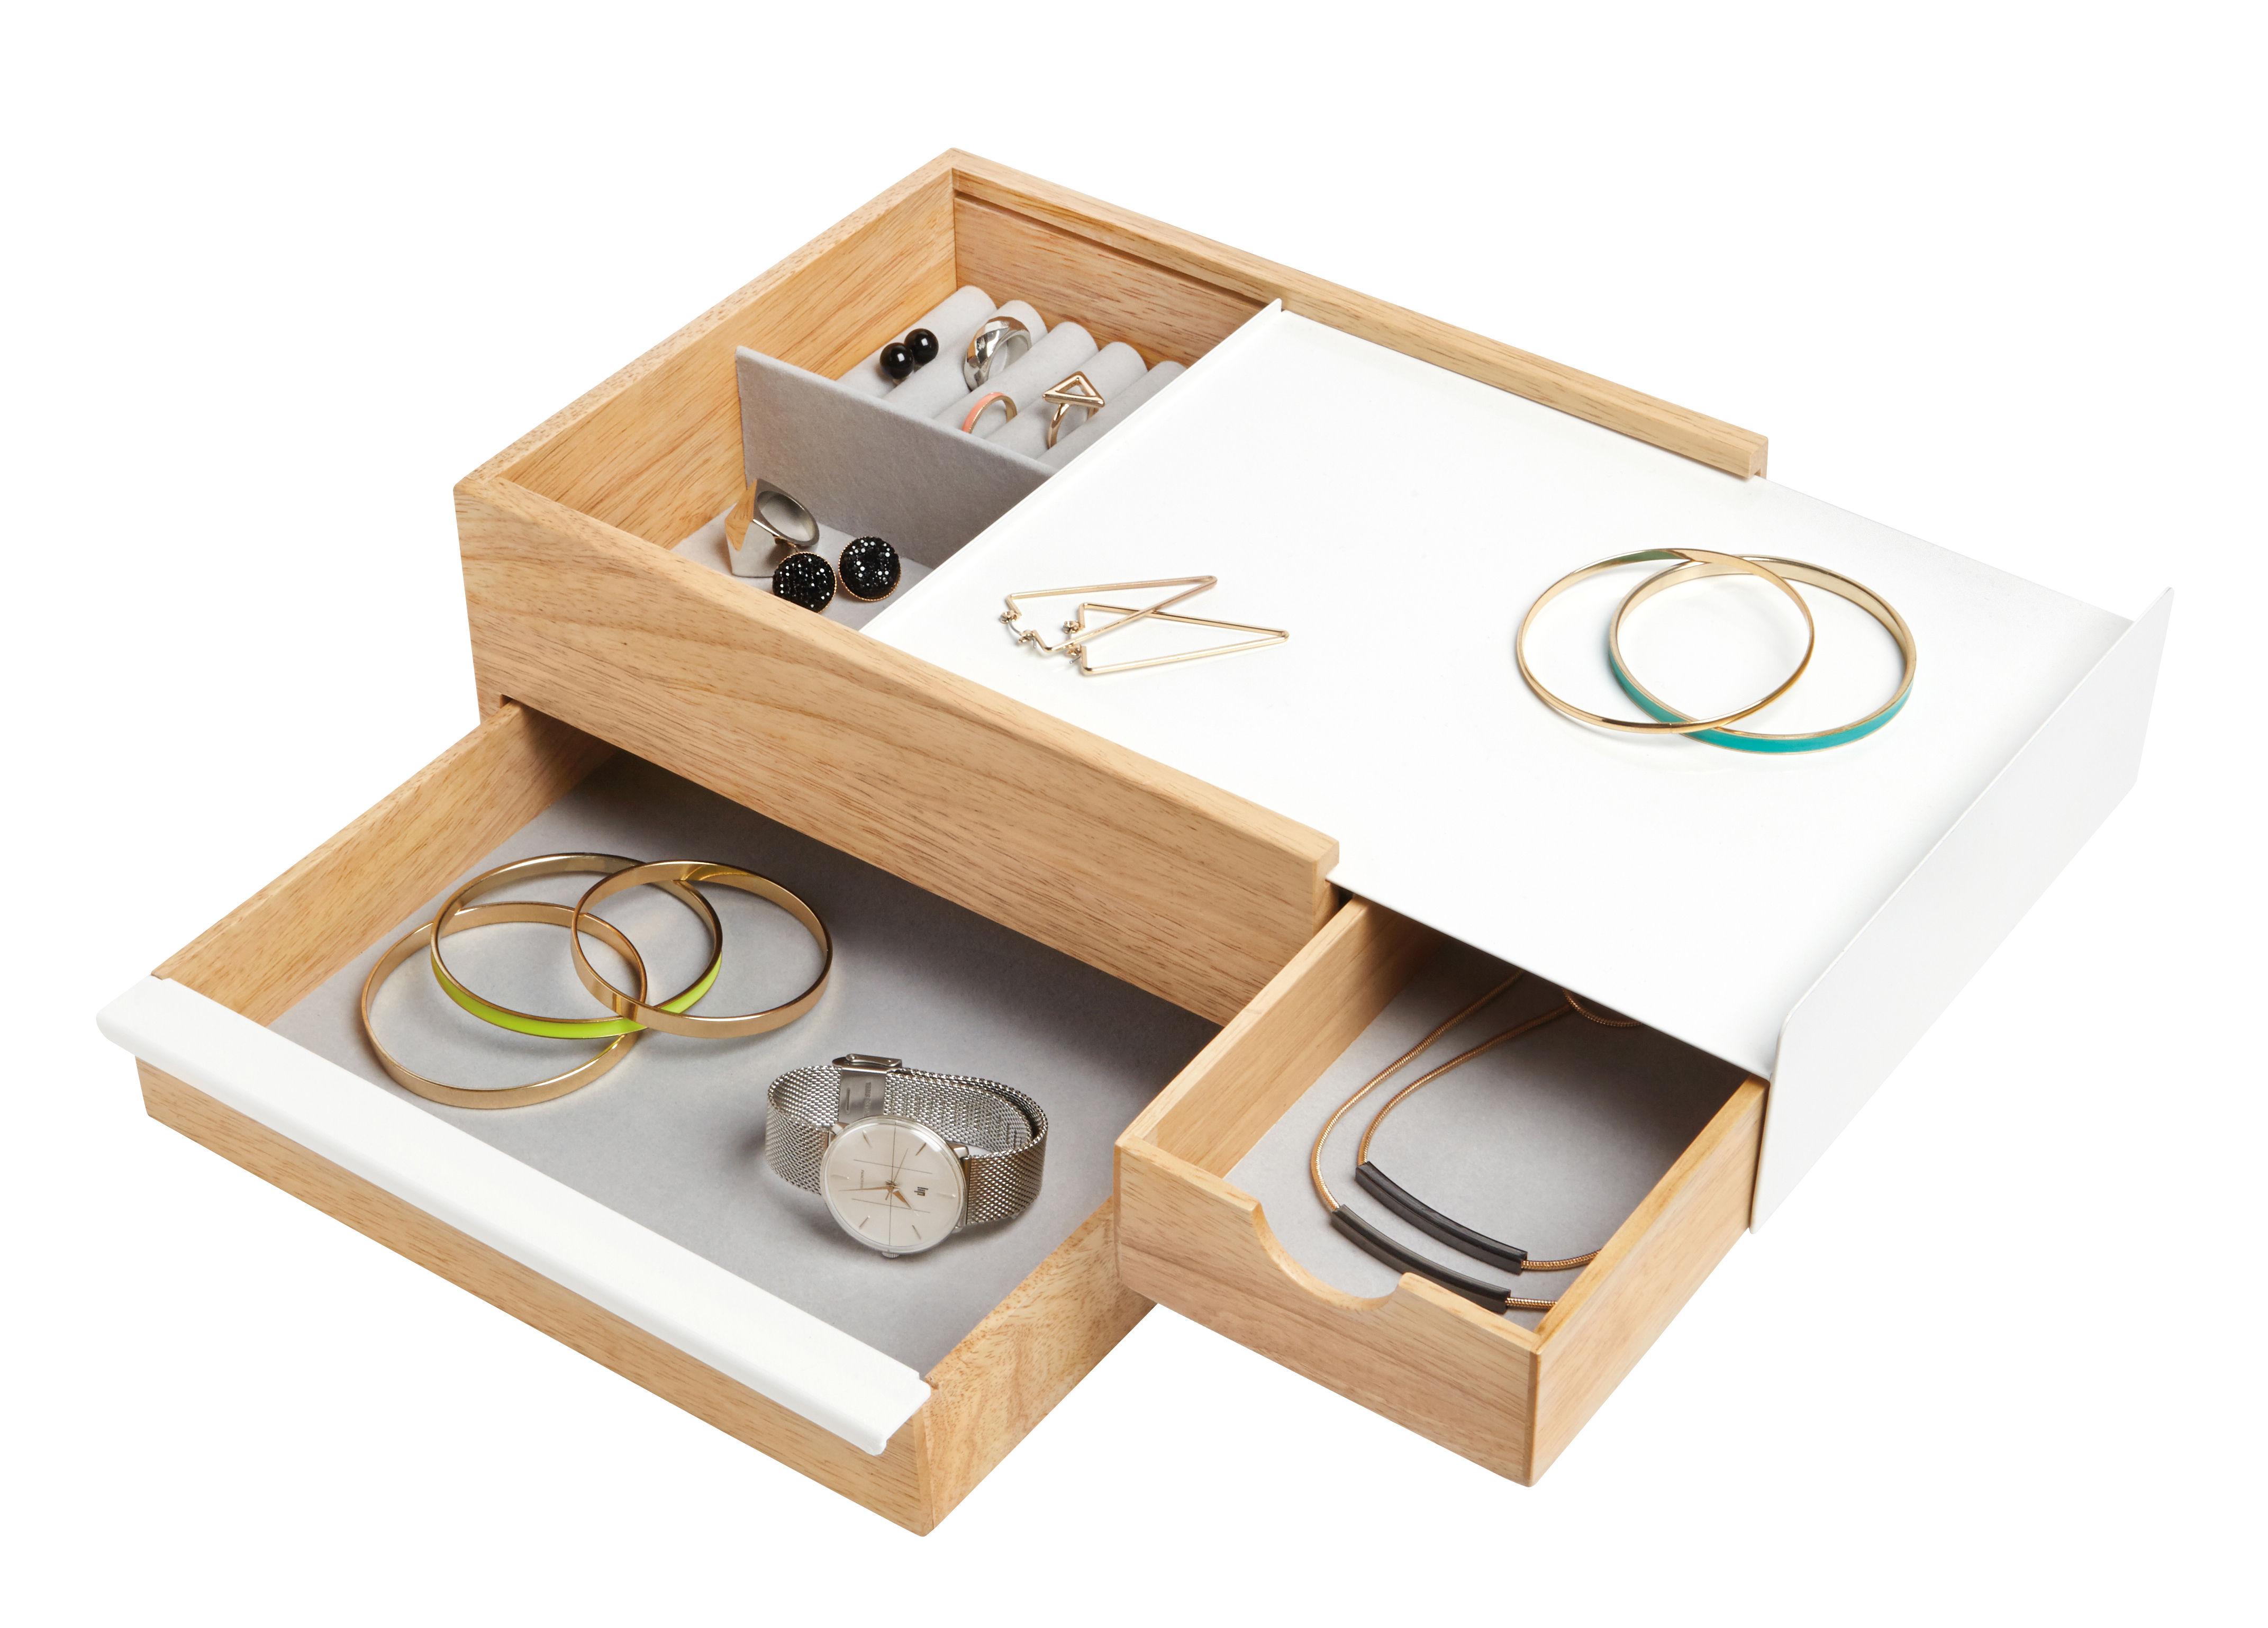 Dekoration - Schachteln und Boxen - Stowit Large Schmuckschatulle / 28 x 20 cm - Umbra - Groß / weiß & holzfarben - Holz, lackiertes Metall